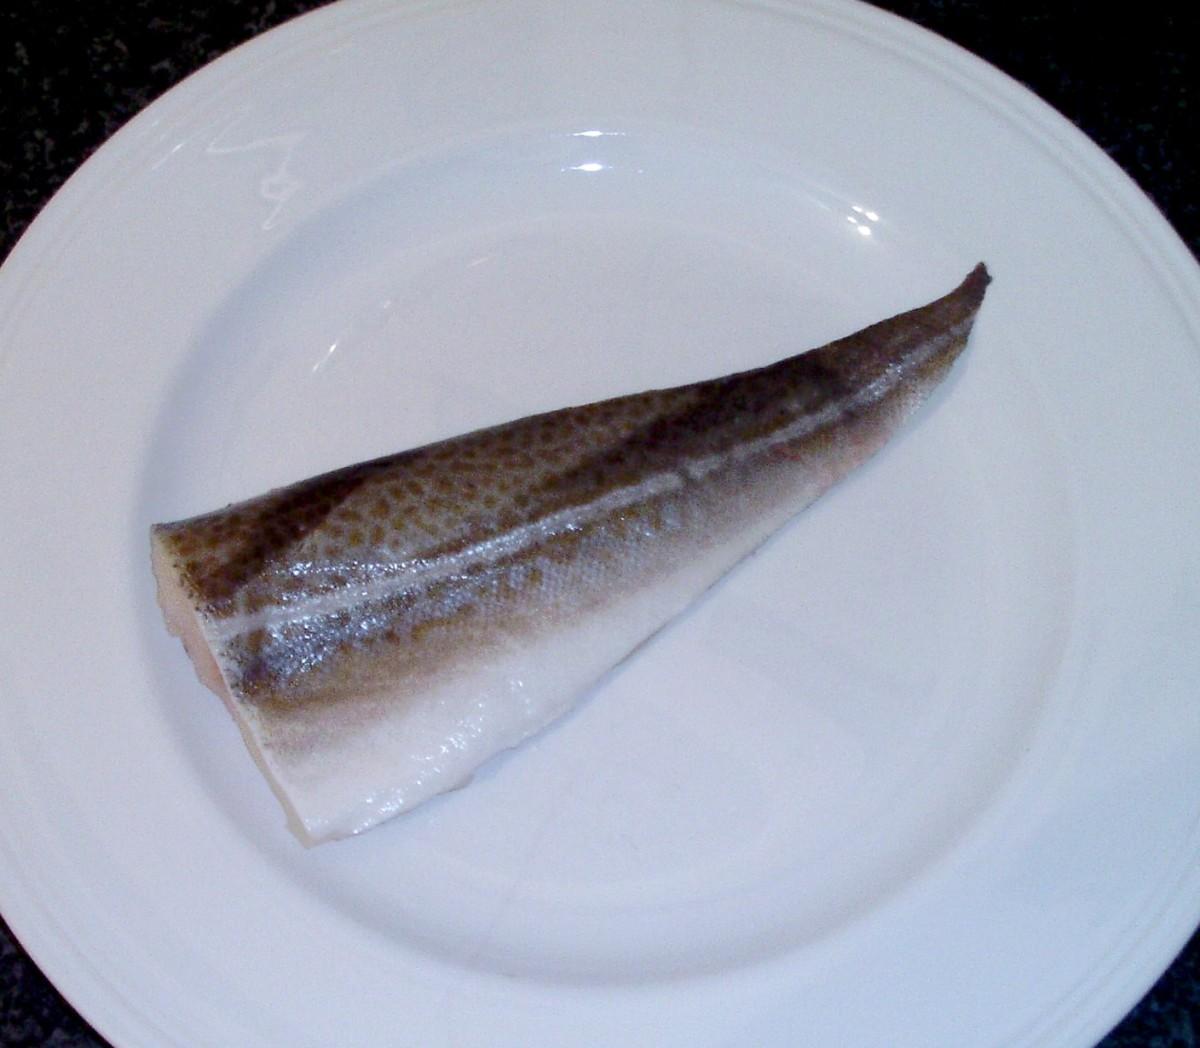 Fresh cod fillet